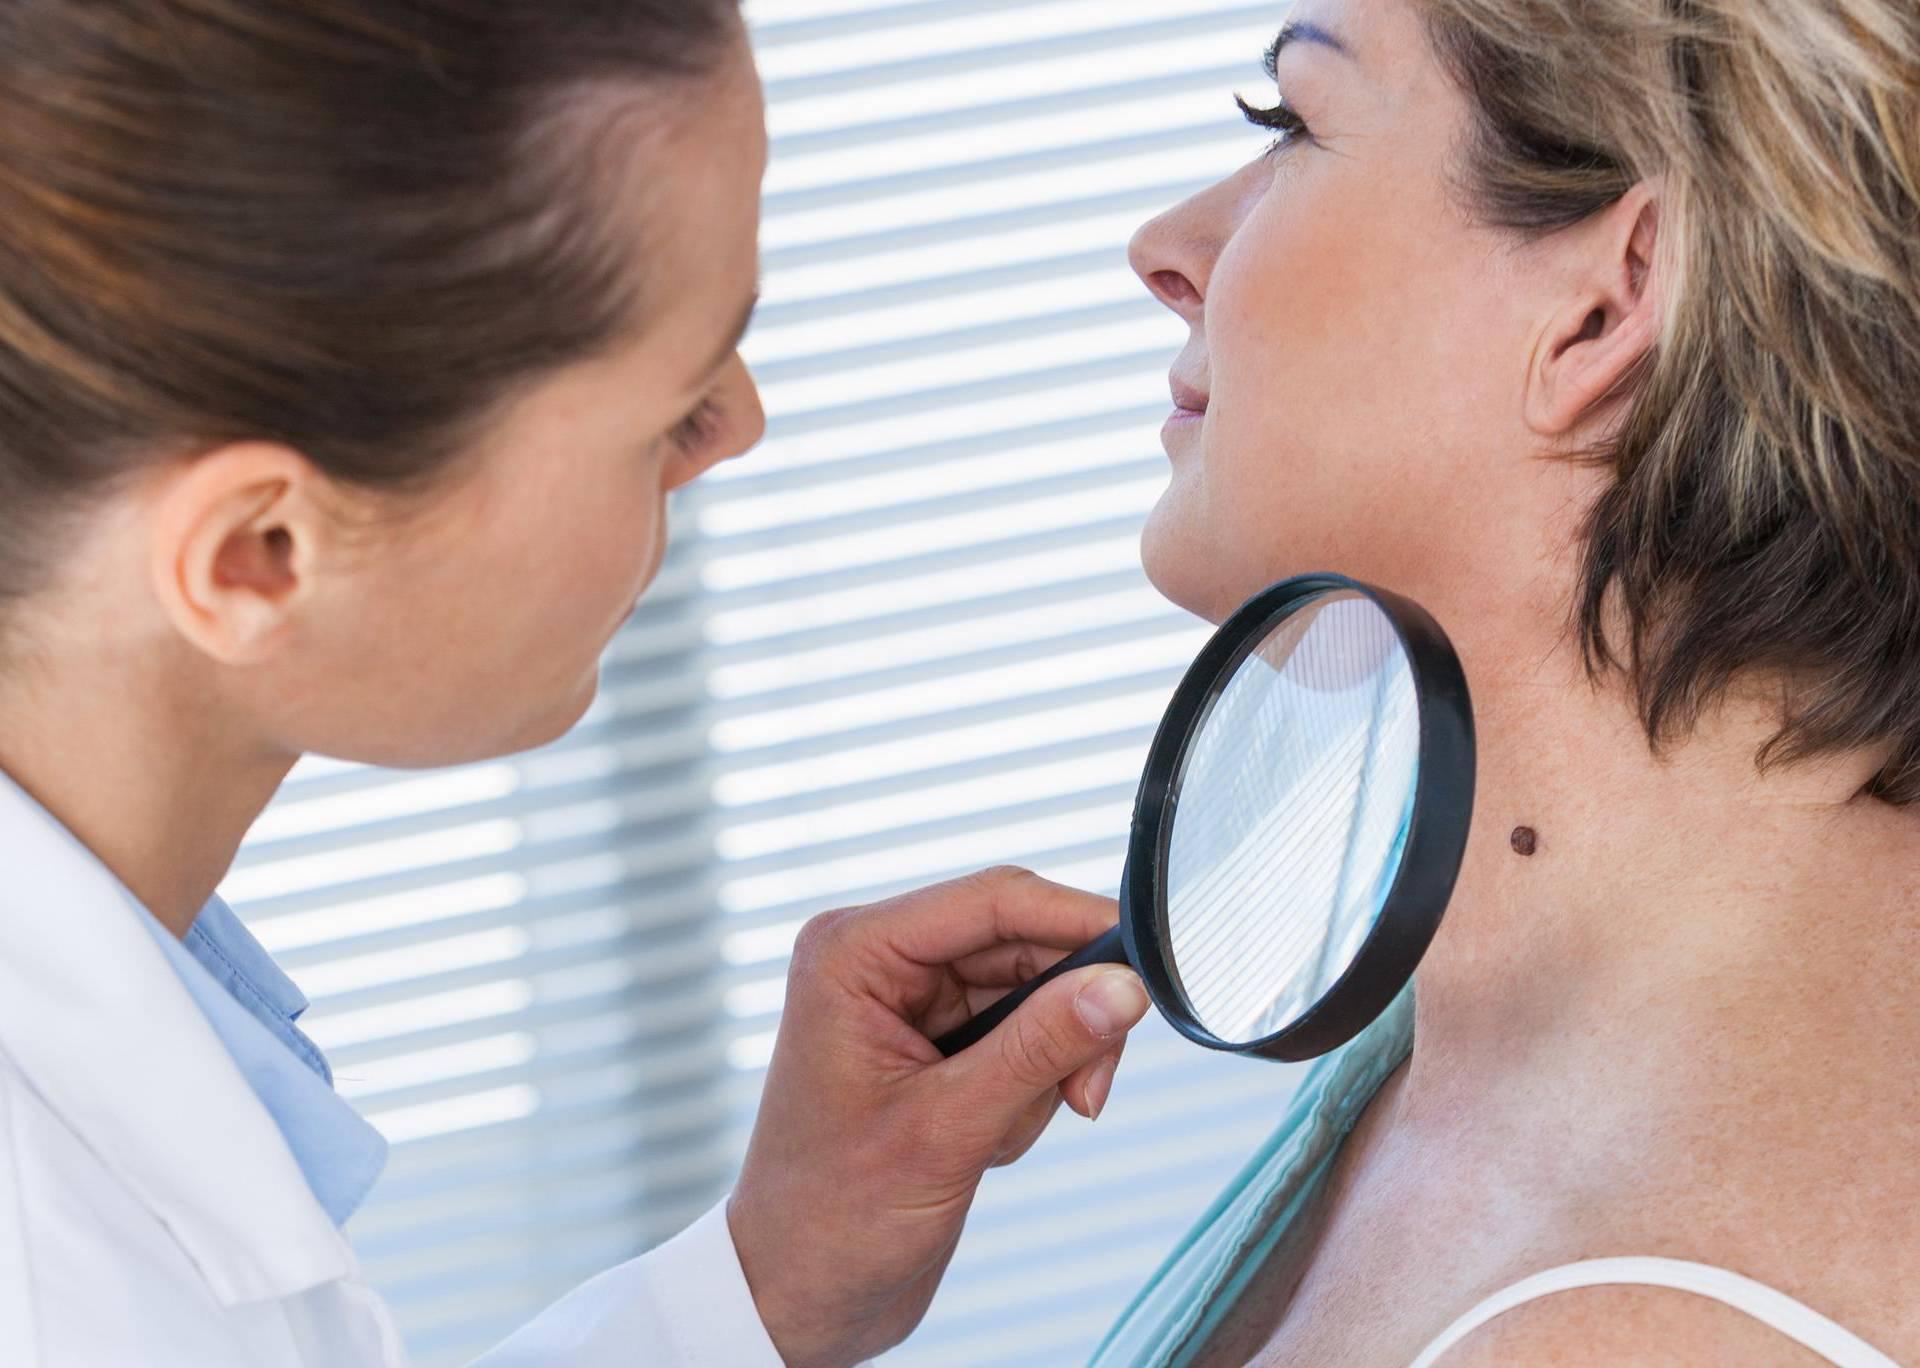 Postoji šest različitih madeža, a evo što upućuje na melanom